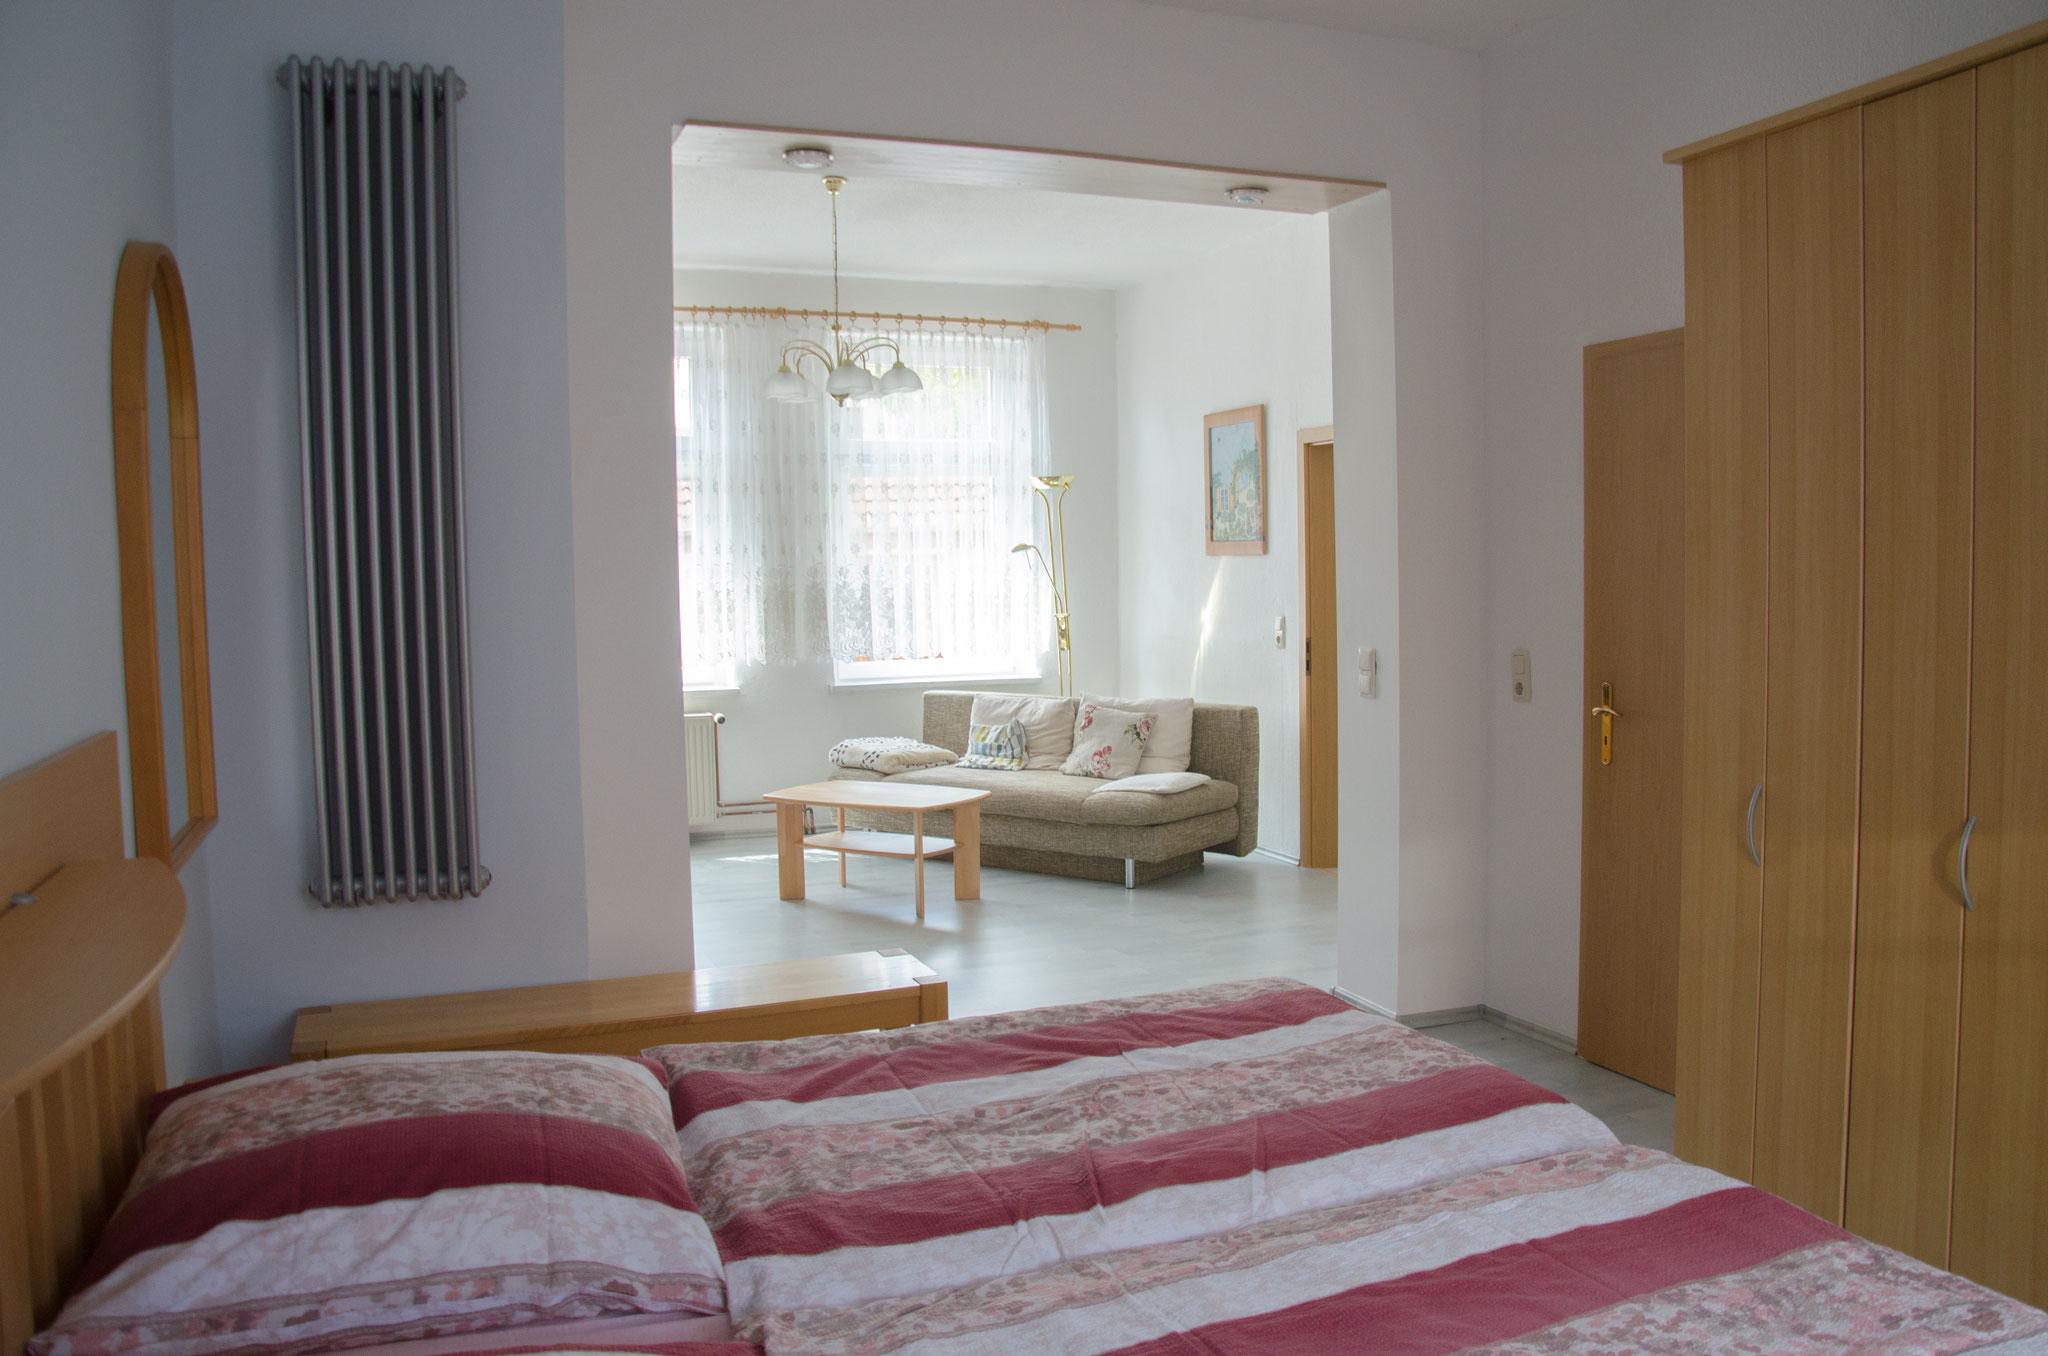 Schlafzimmer mit Durchgang ins Wohnzimmer